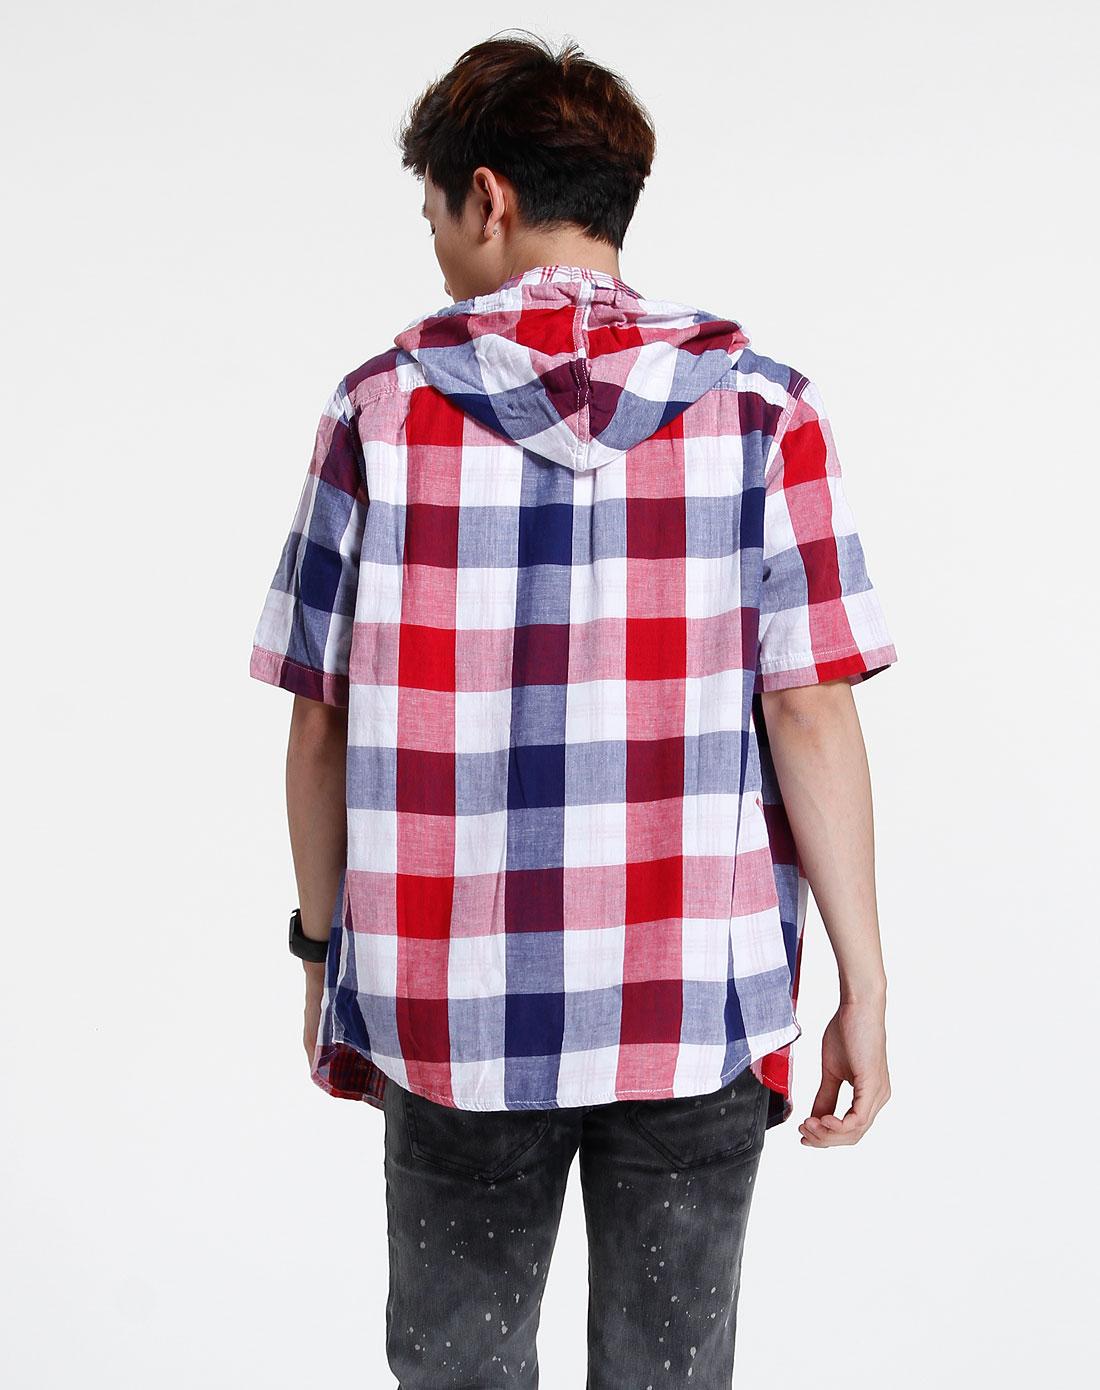 森马-男装蓝/红色短袖休闲衬衫082151013-060图片